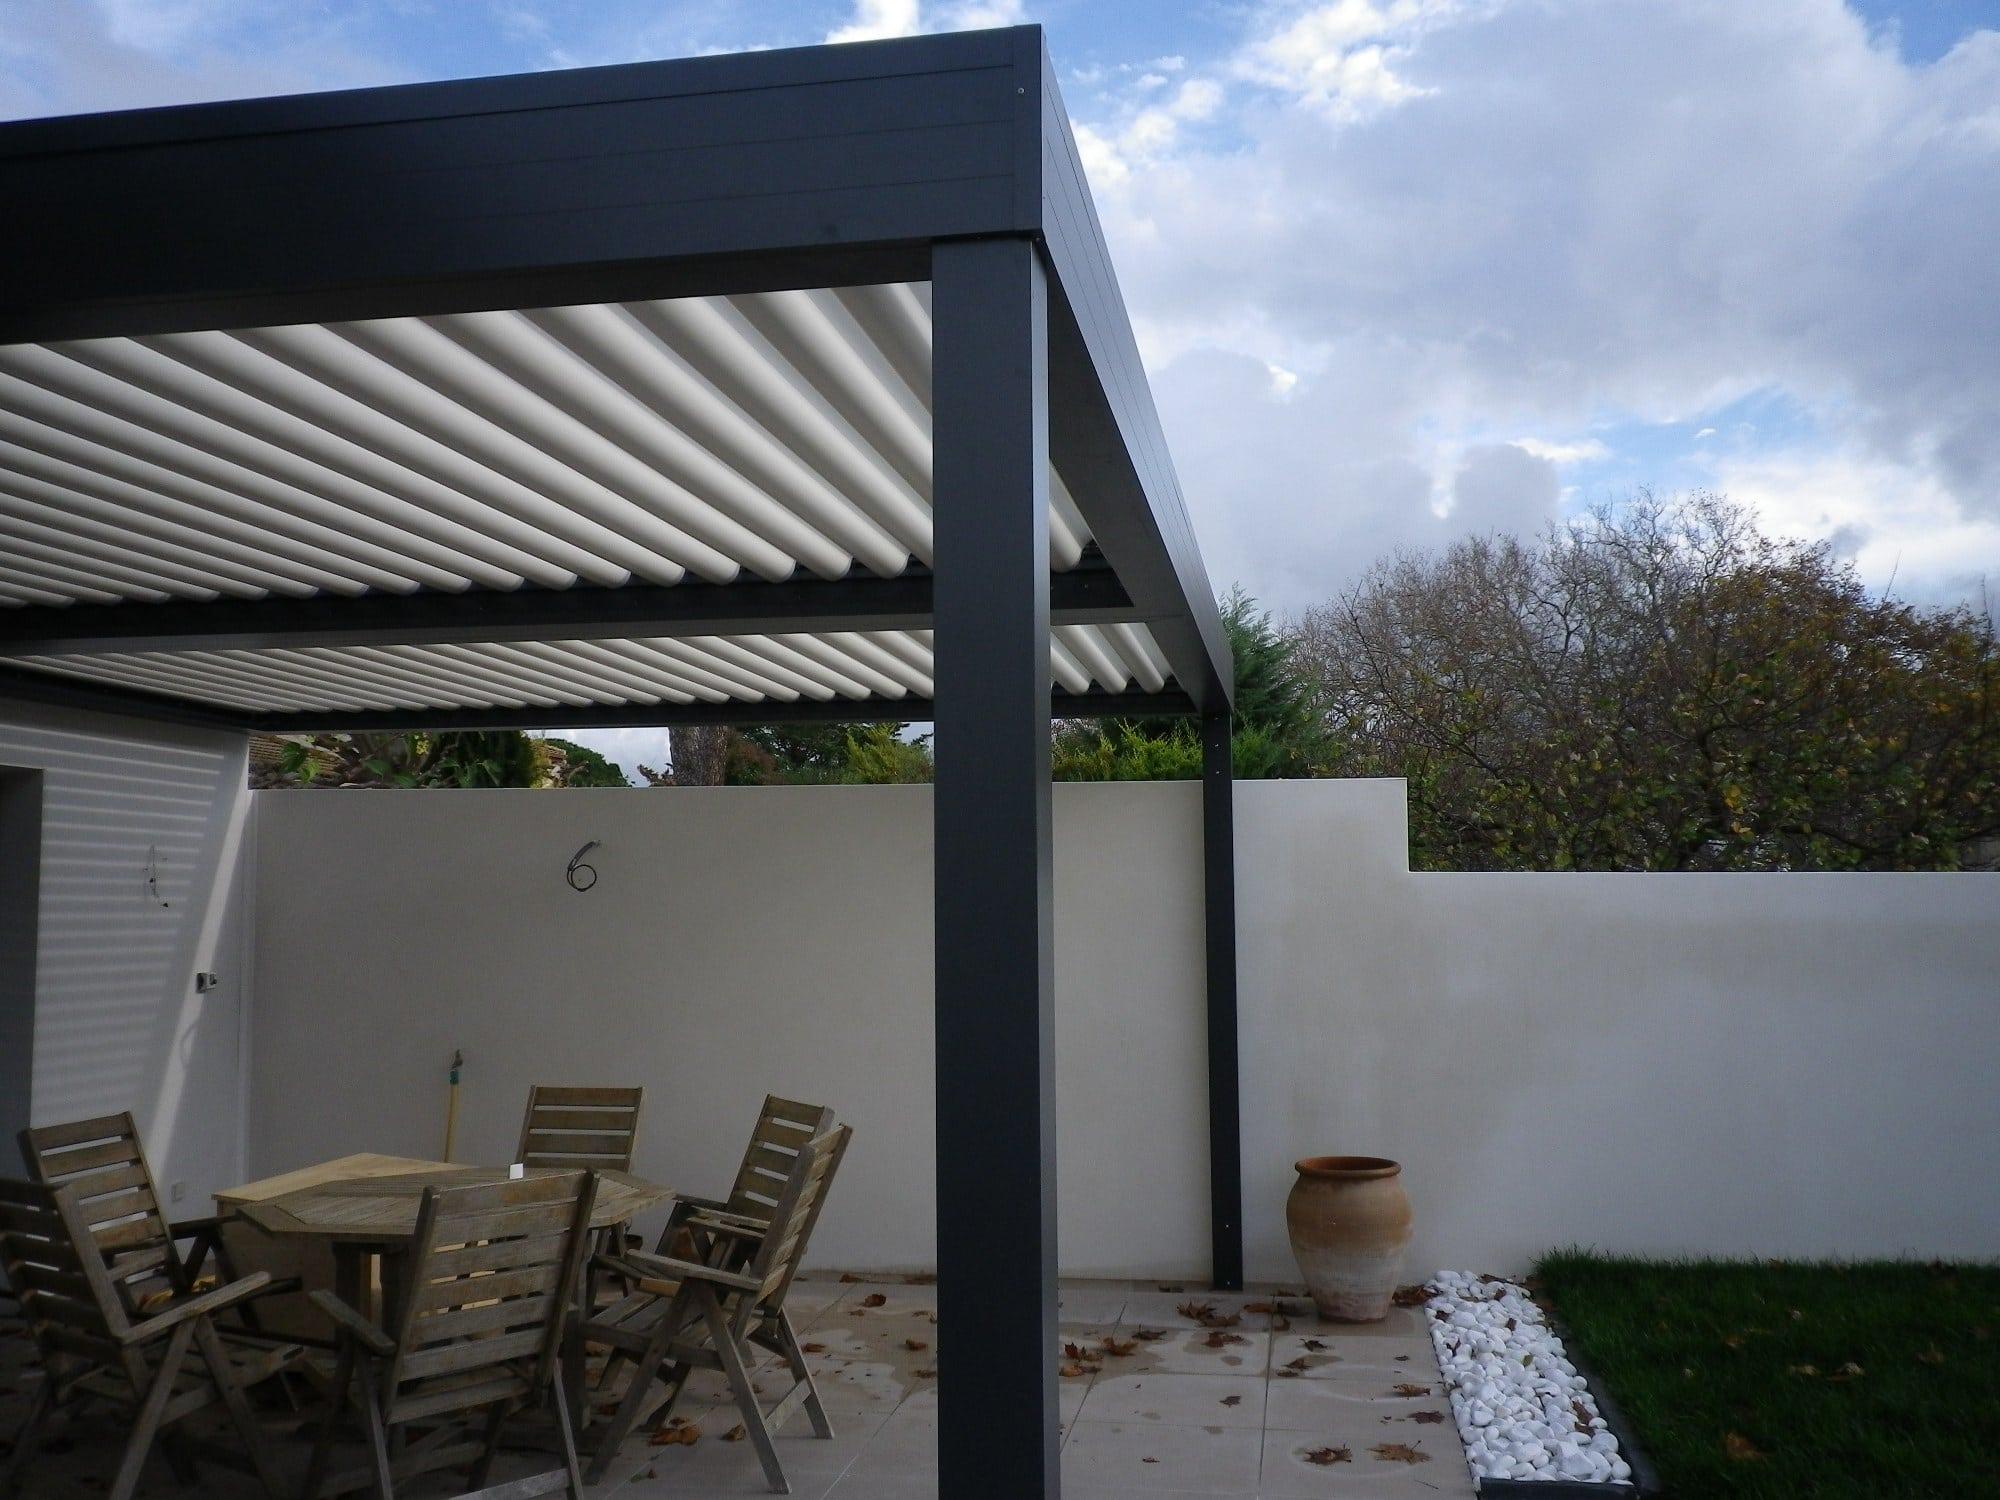 Pergola aluminium lames orientables - Pergola aluminium lames orientables ...